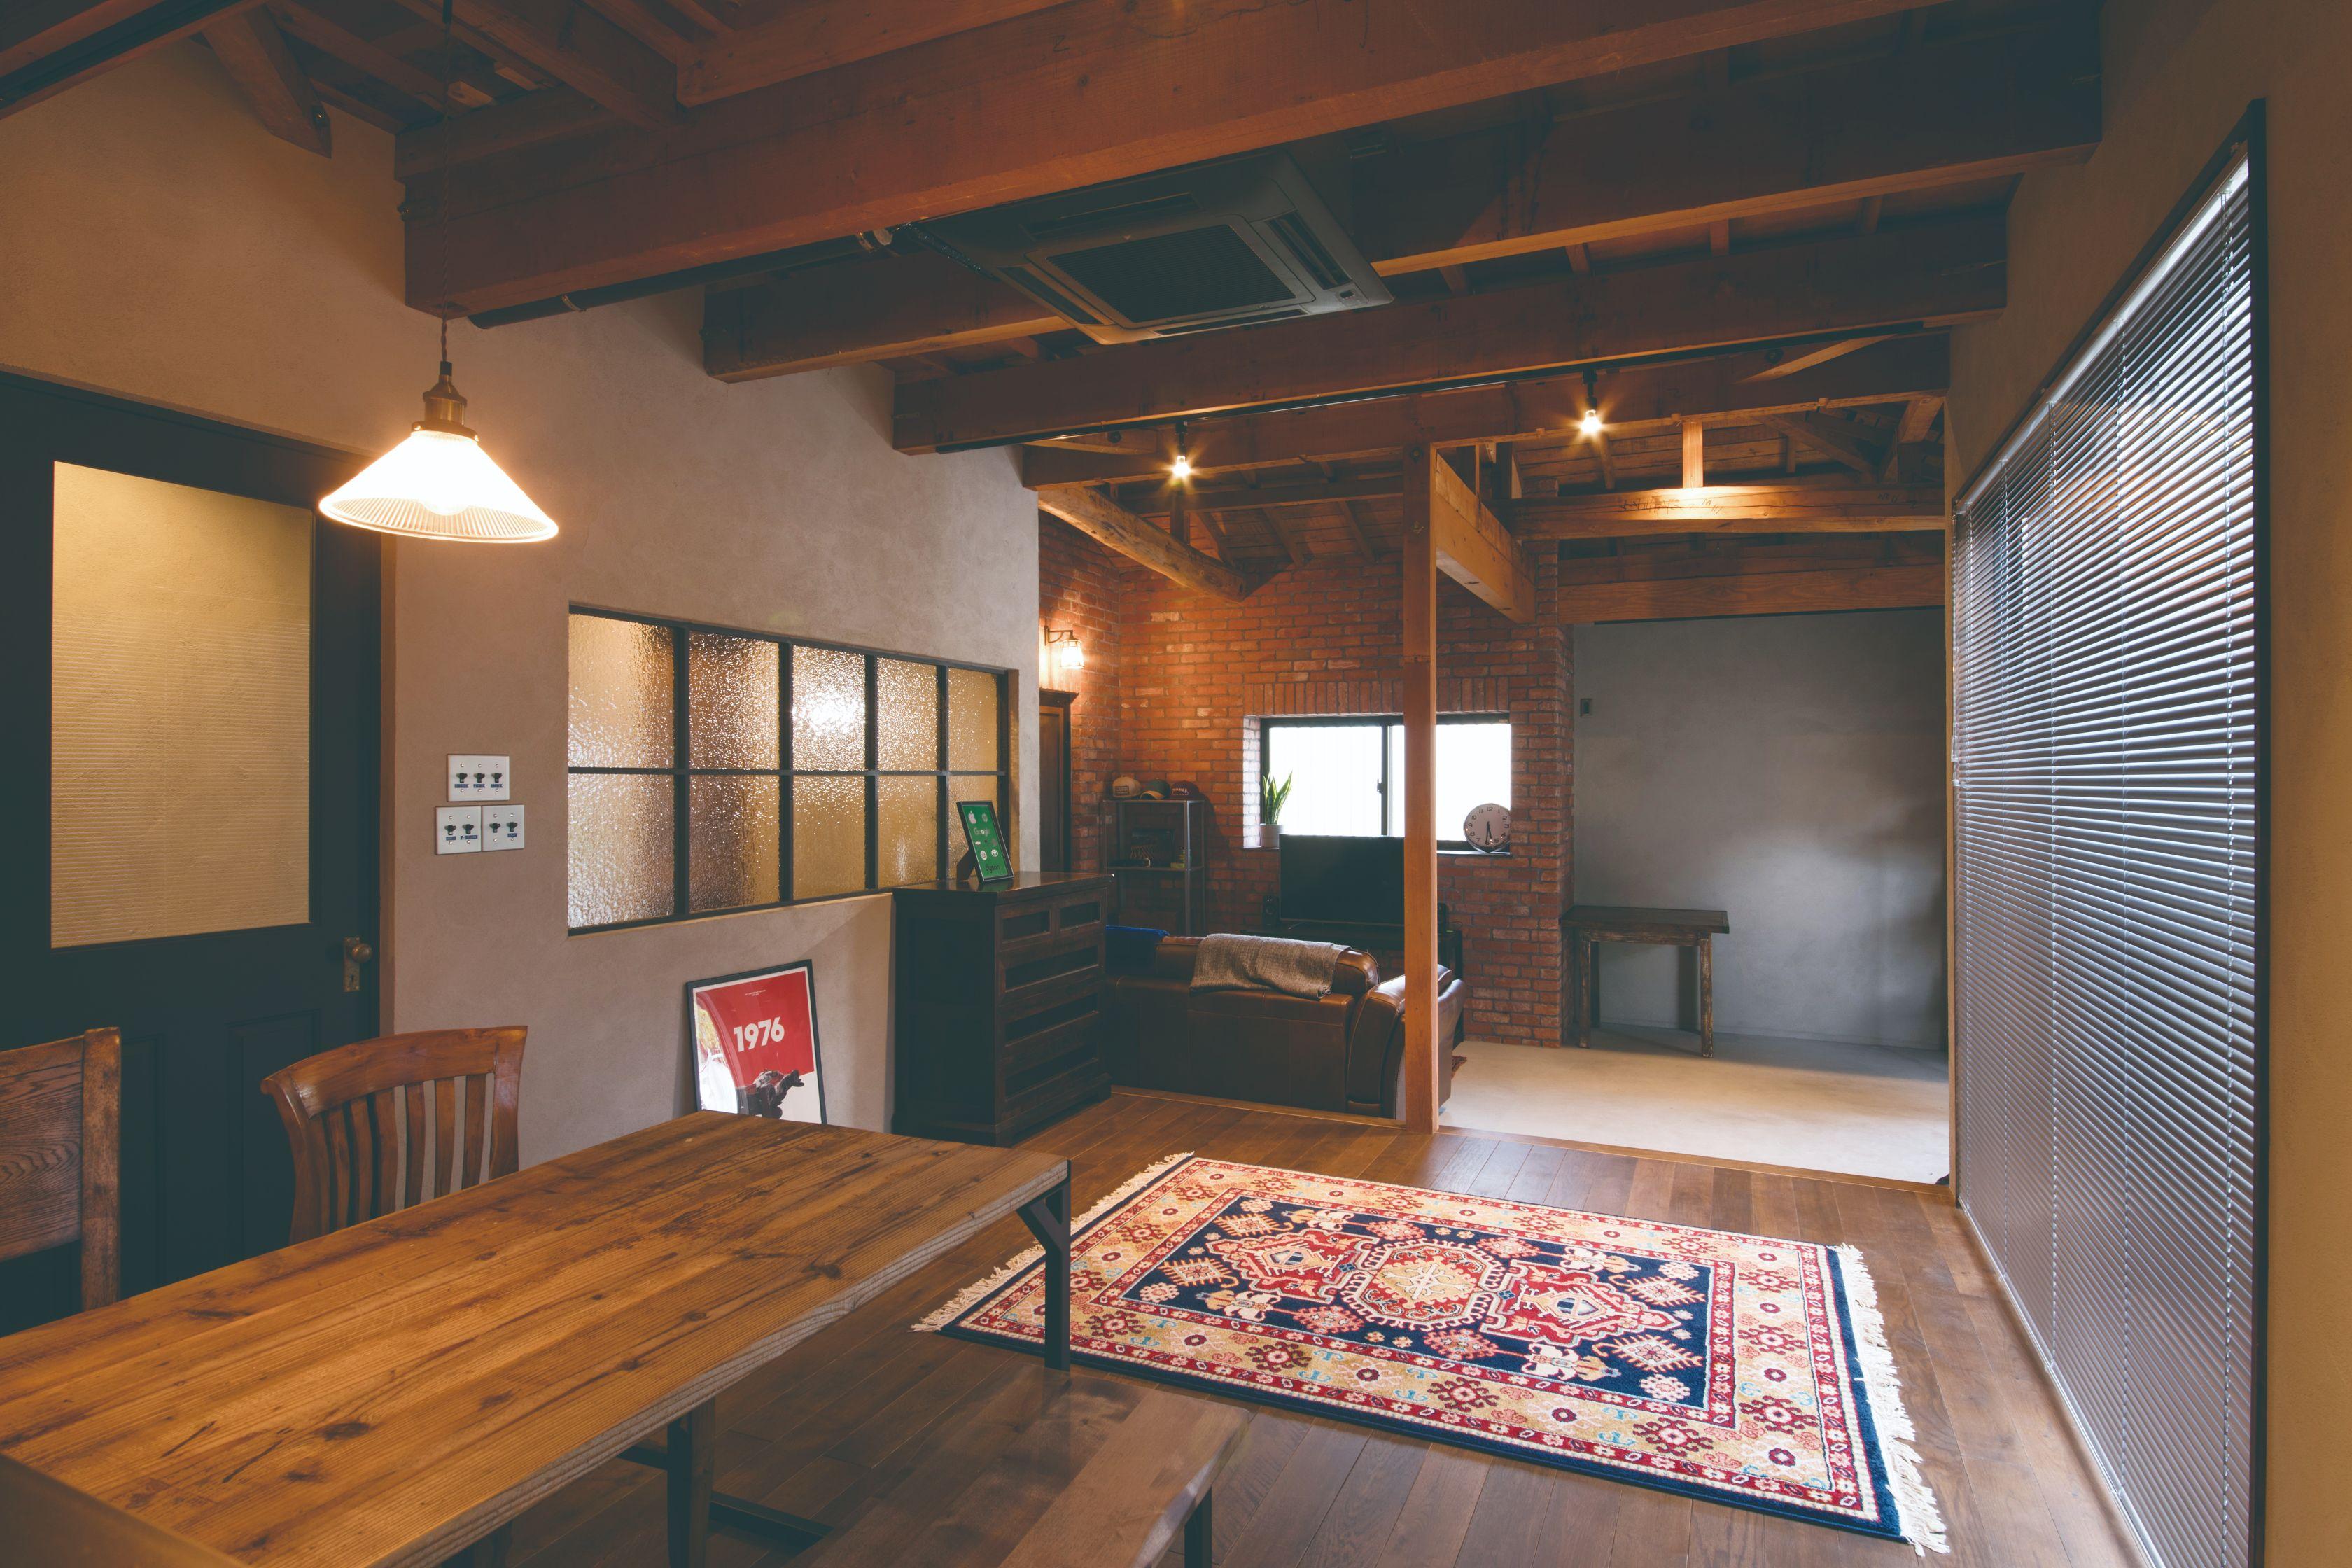 ご主人の想いをカタチにした倉庫のような住まい。梁は既存、床にオーク材を張ってレトロモダンな雰囲気に